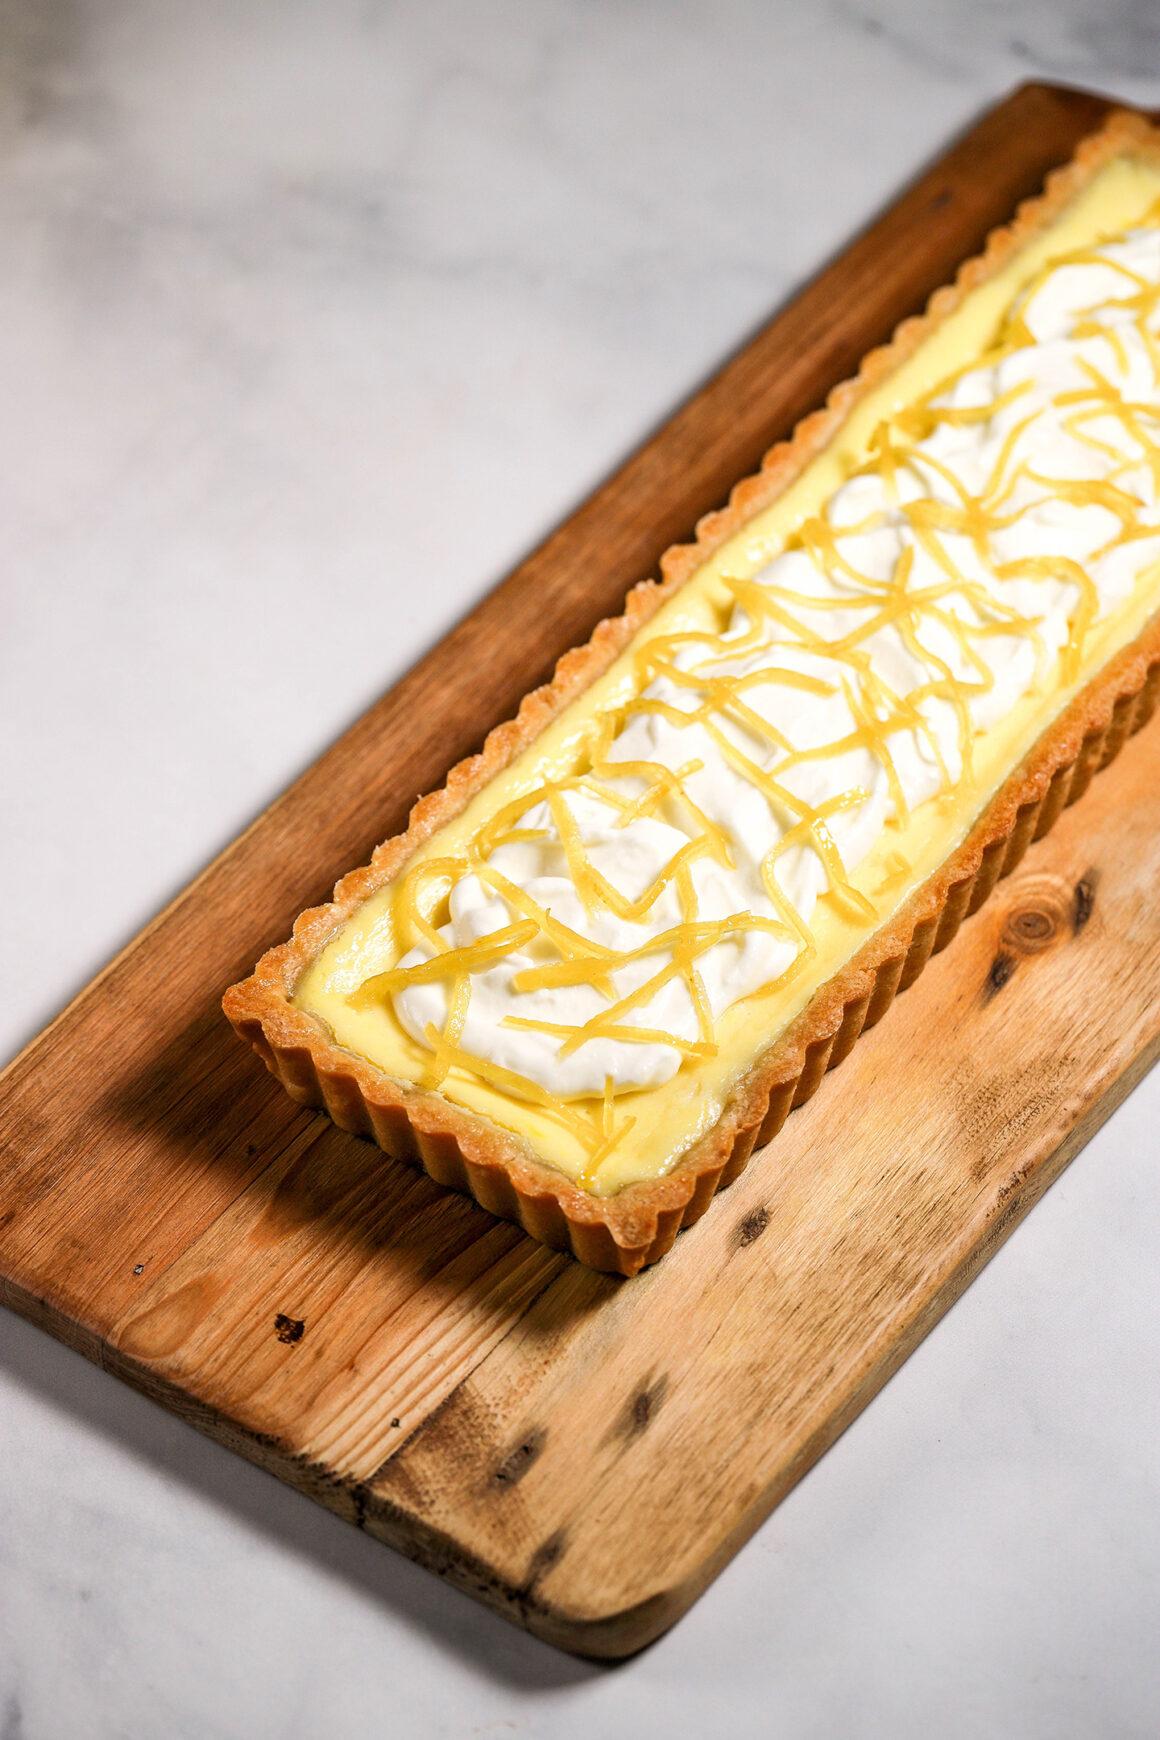 Lemon Mascarpone Tart on Cutting Board